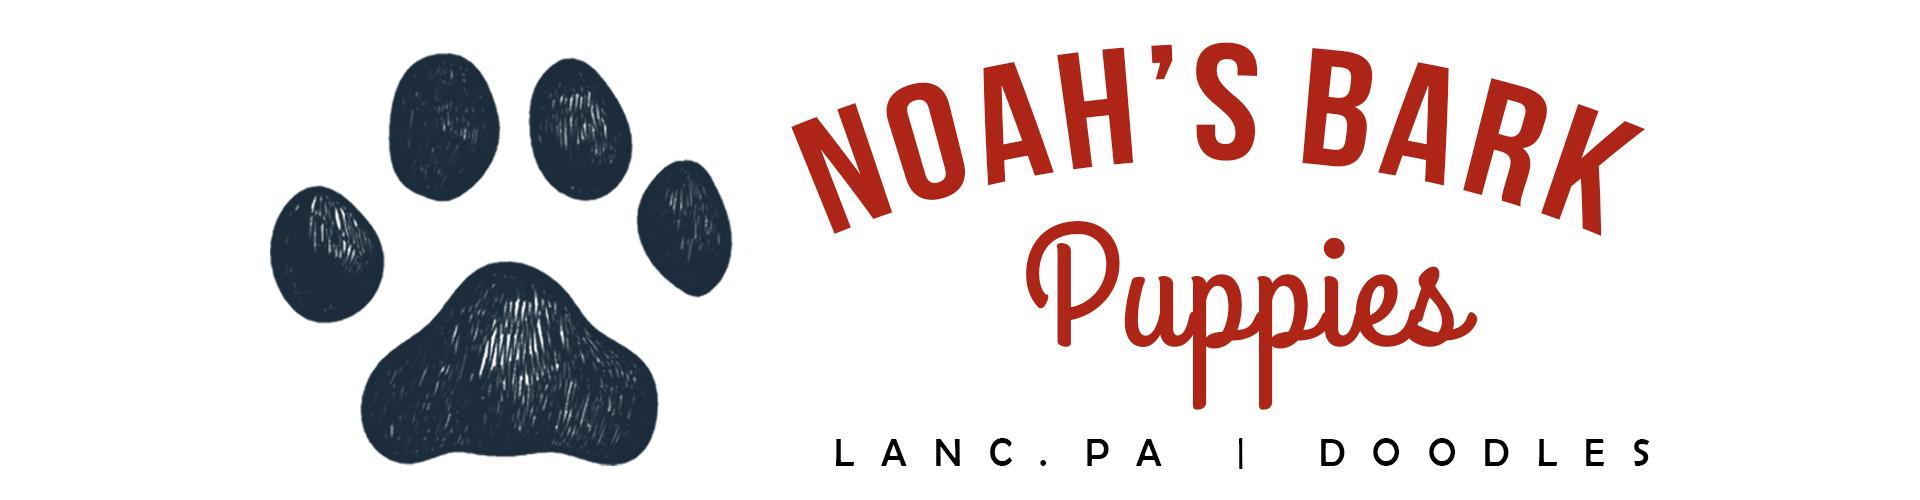 Noah's Bark Puppies